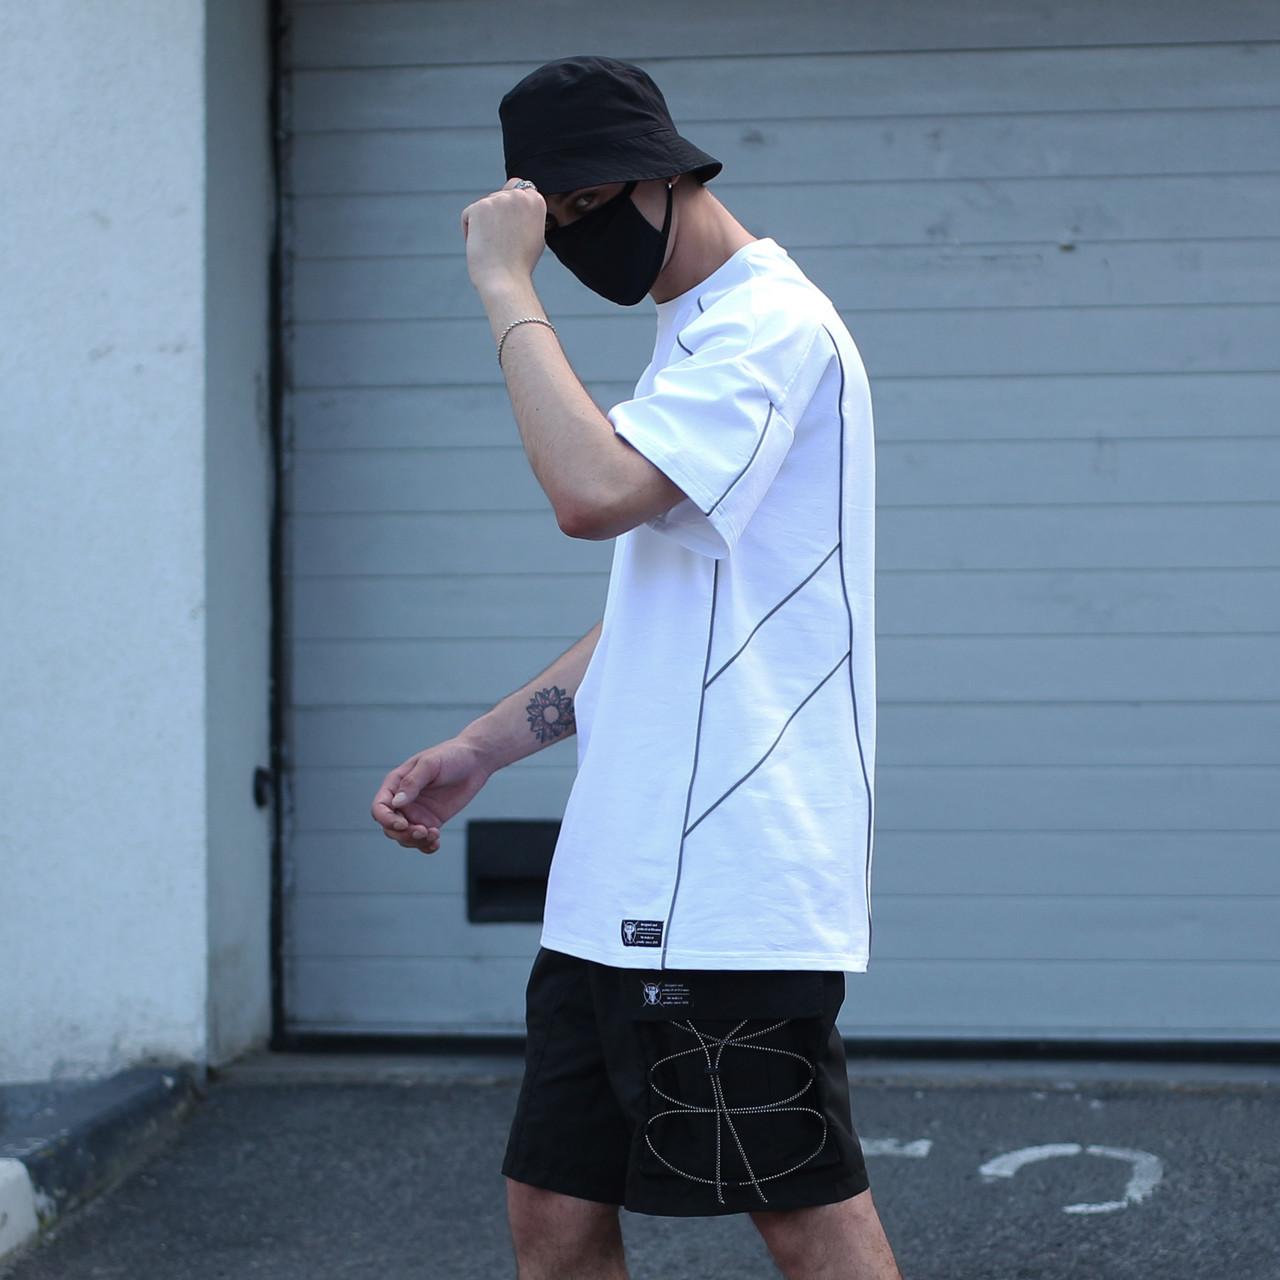 Футболка чоловіча біла з рефлективным кантом модель Сайбот (Saibot) бренд ТУР розмір S, M, L, XL